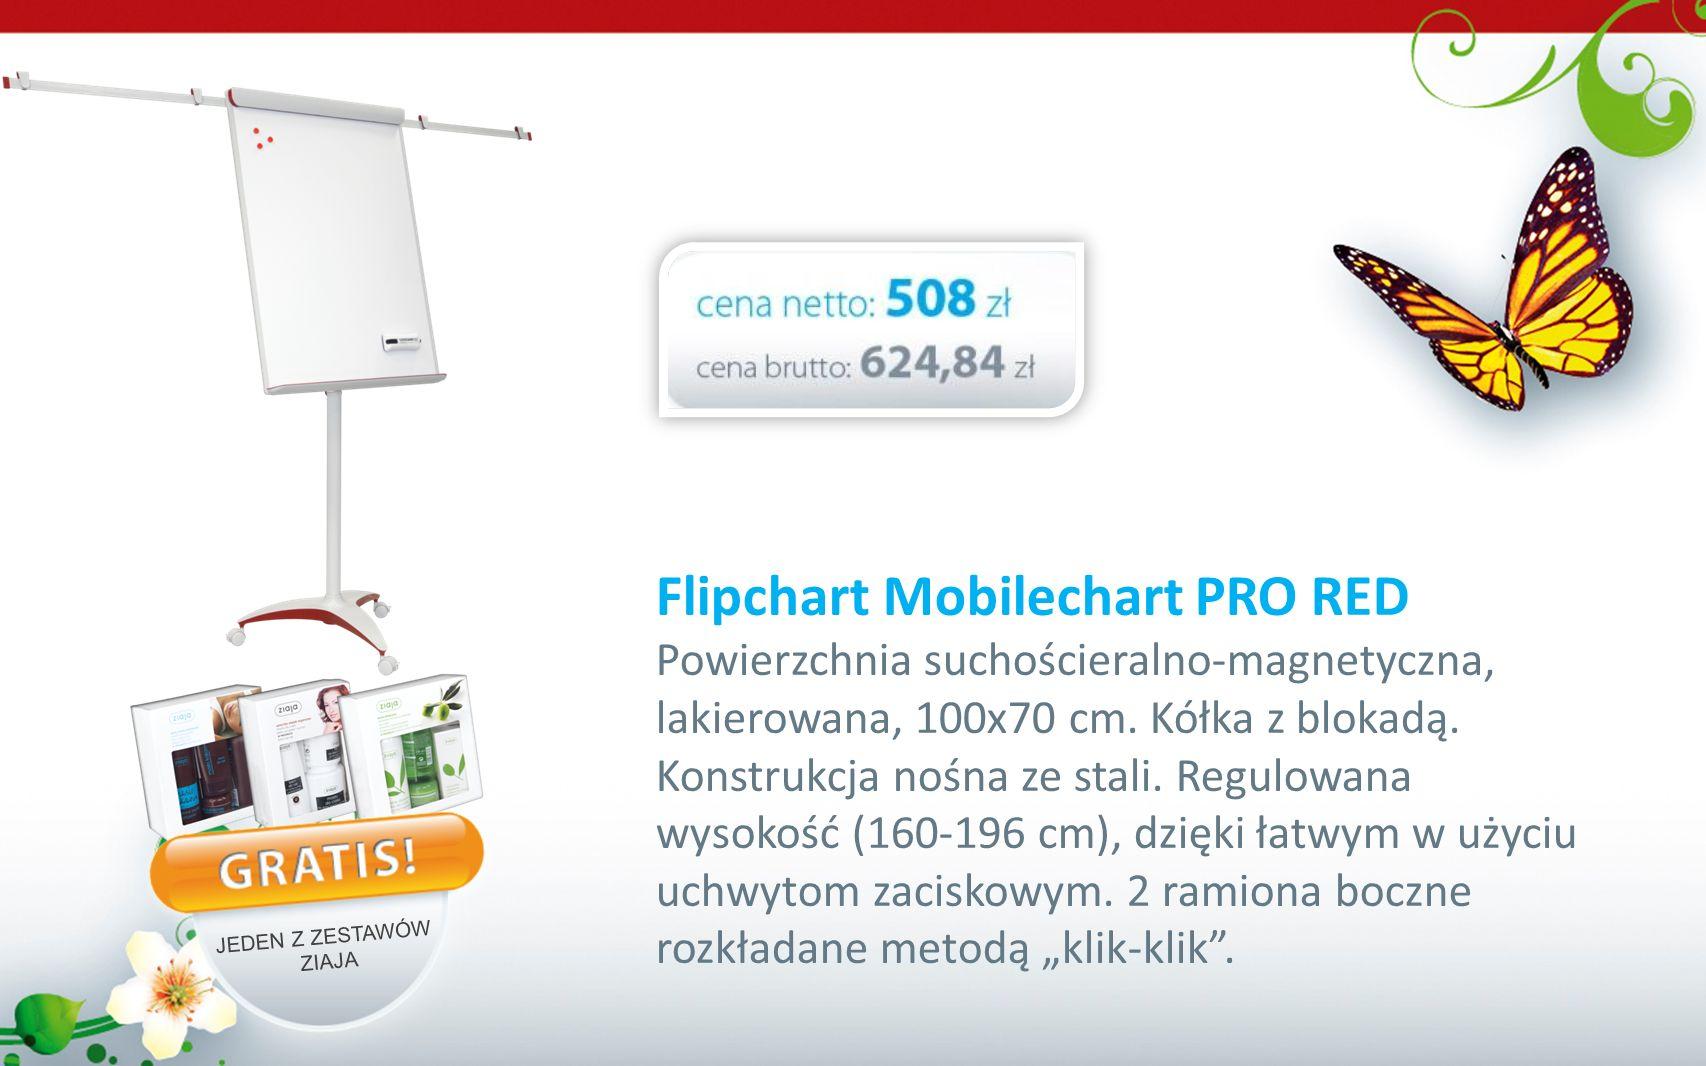 Flipchart Mobilechart PRO RED Powierzchnia suchościeralno-magnetyczna, lakierowana, 100x70 cm. Kółka z blokadą. Konstrukcja nośna ze stali. Regulowana